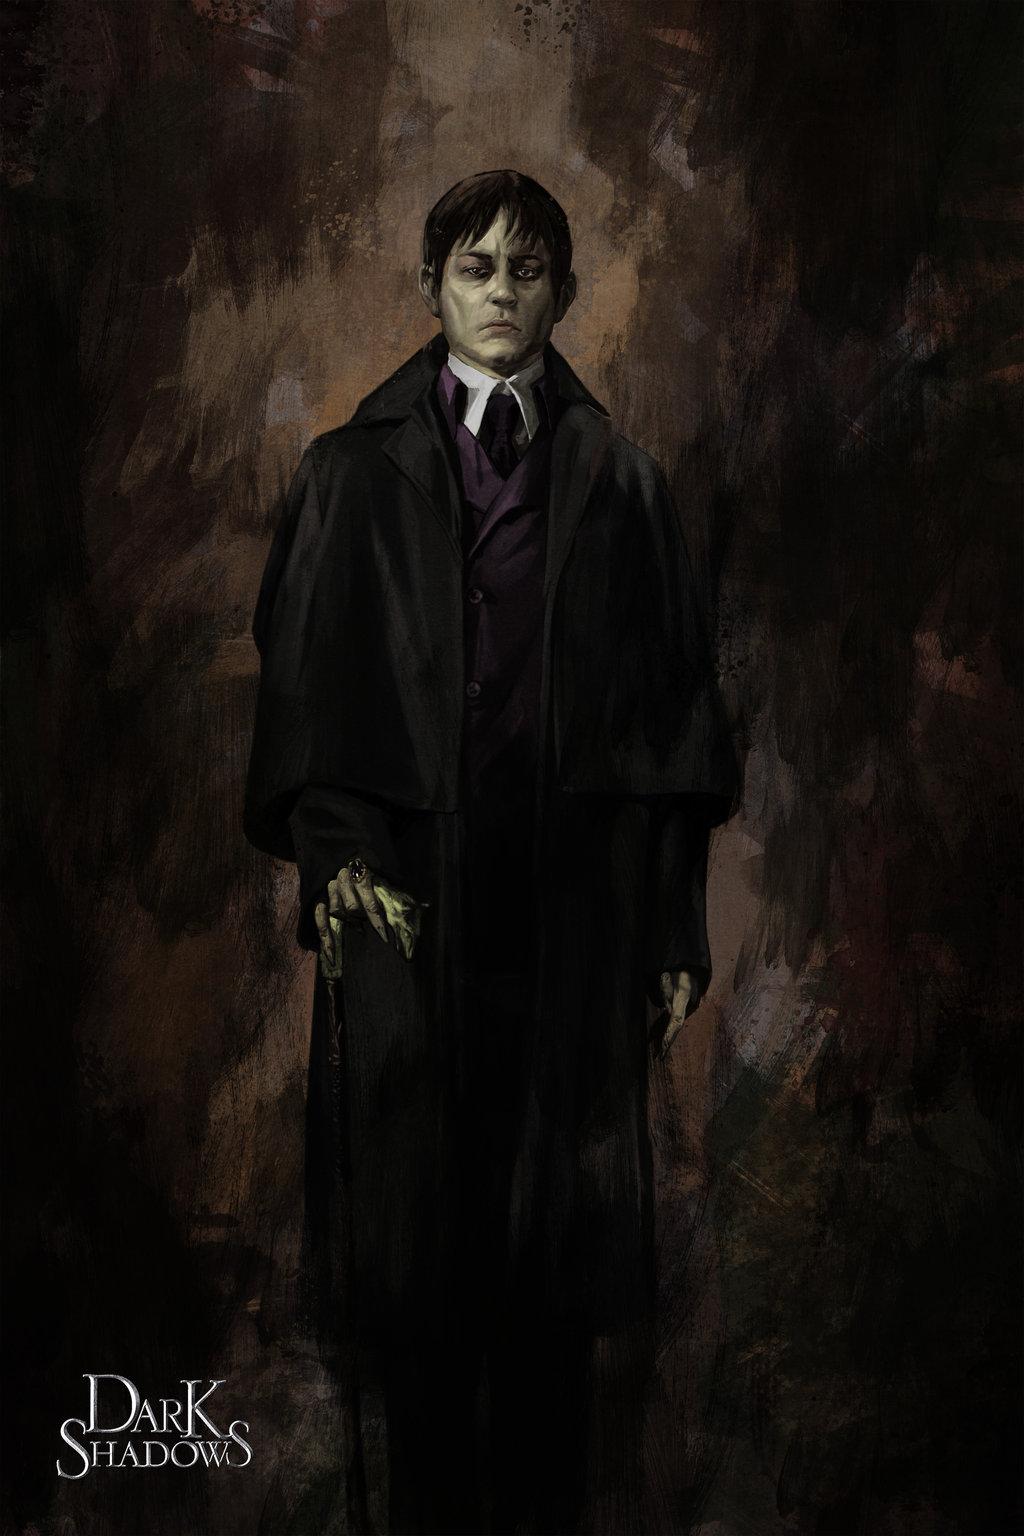 Dark shadows - Barnabas Collins